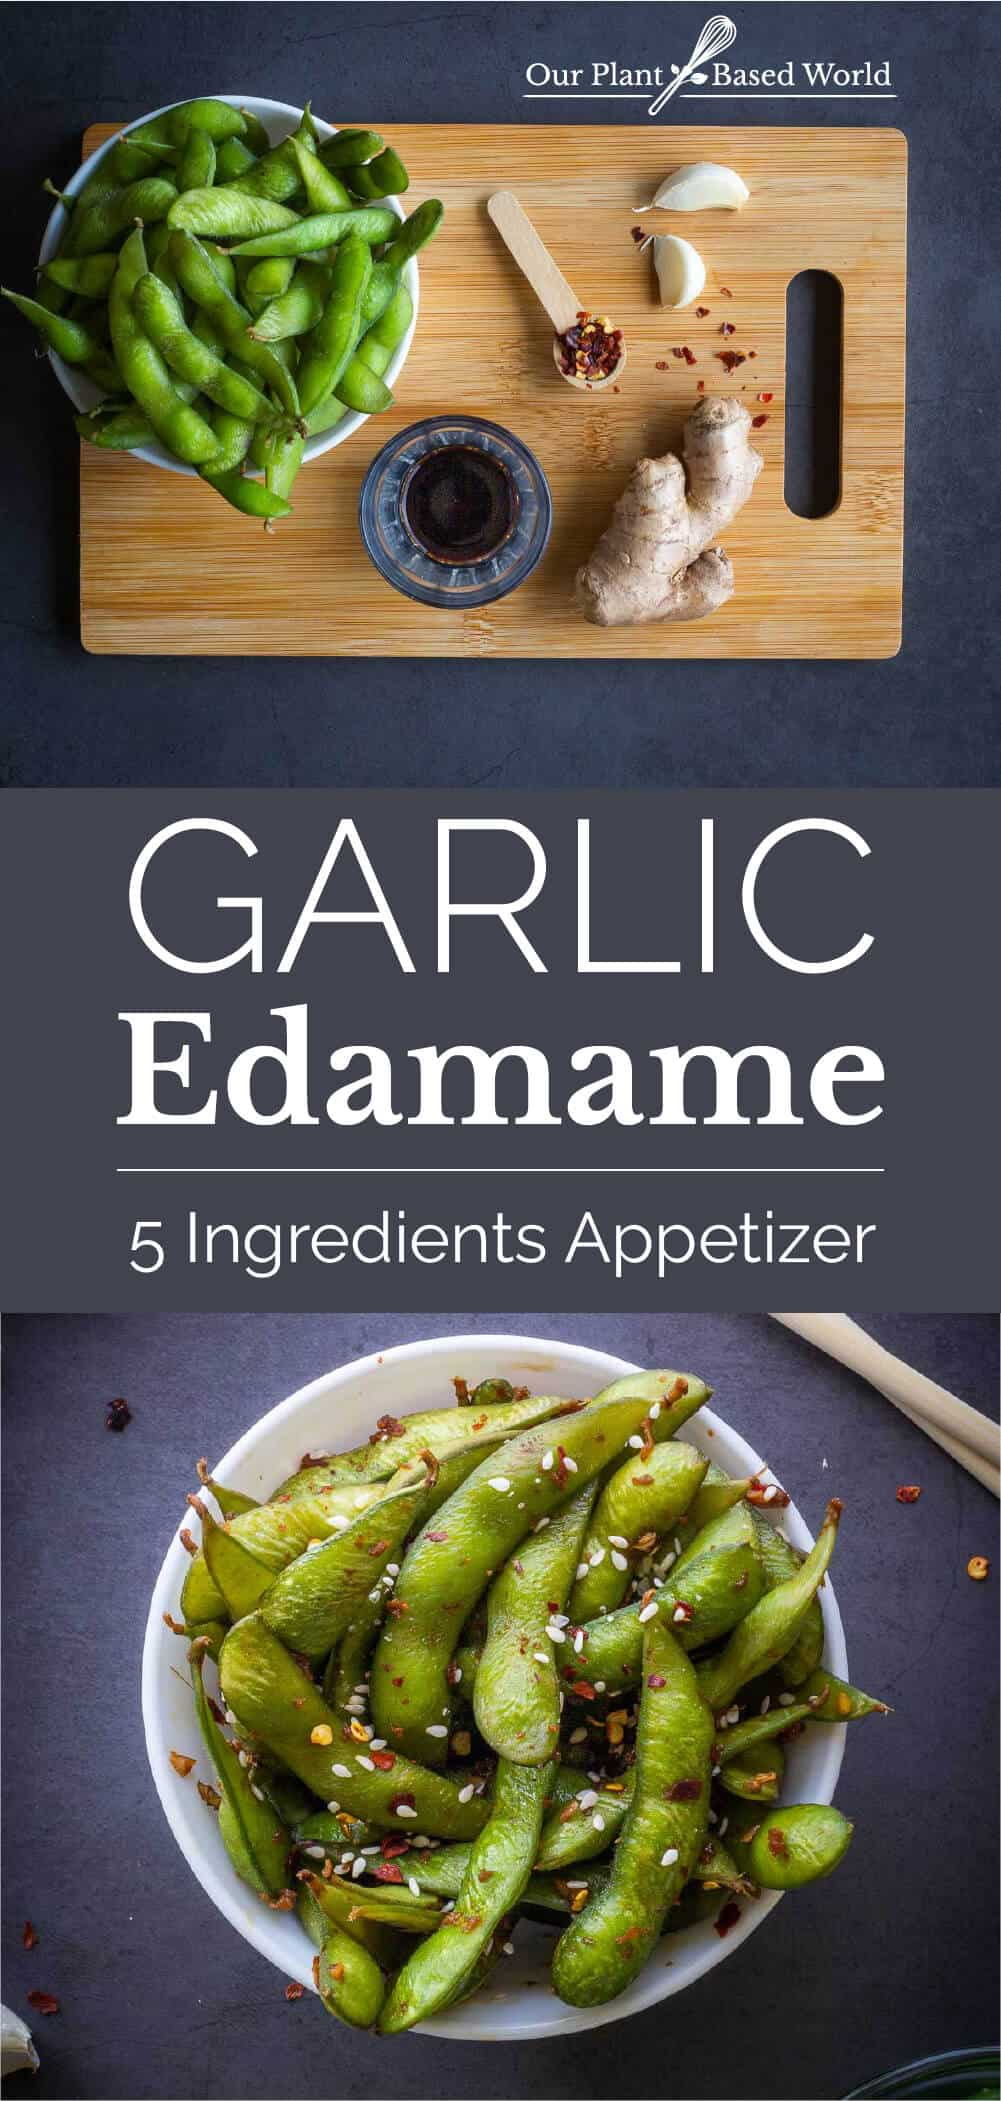 Garlic Edamame